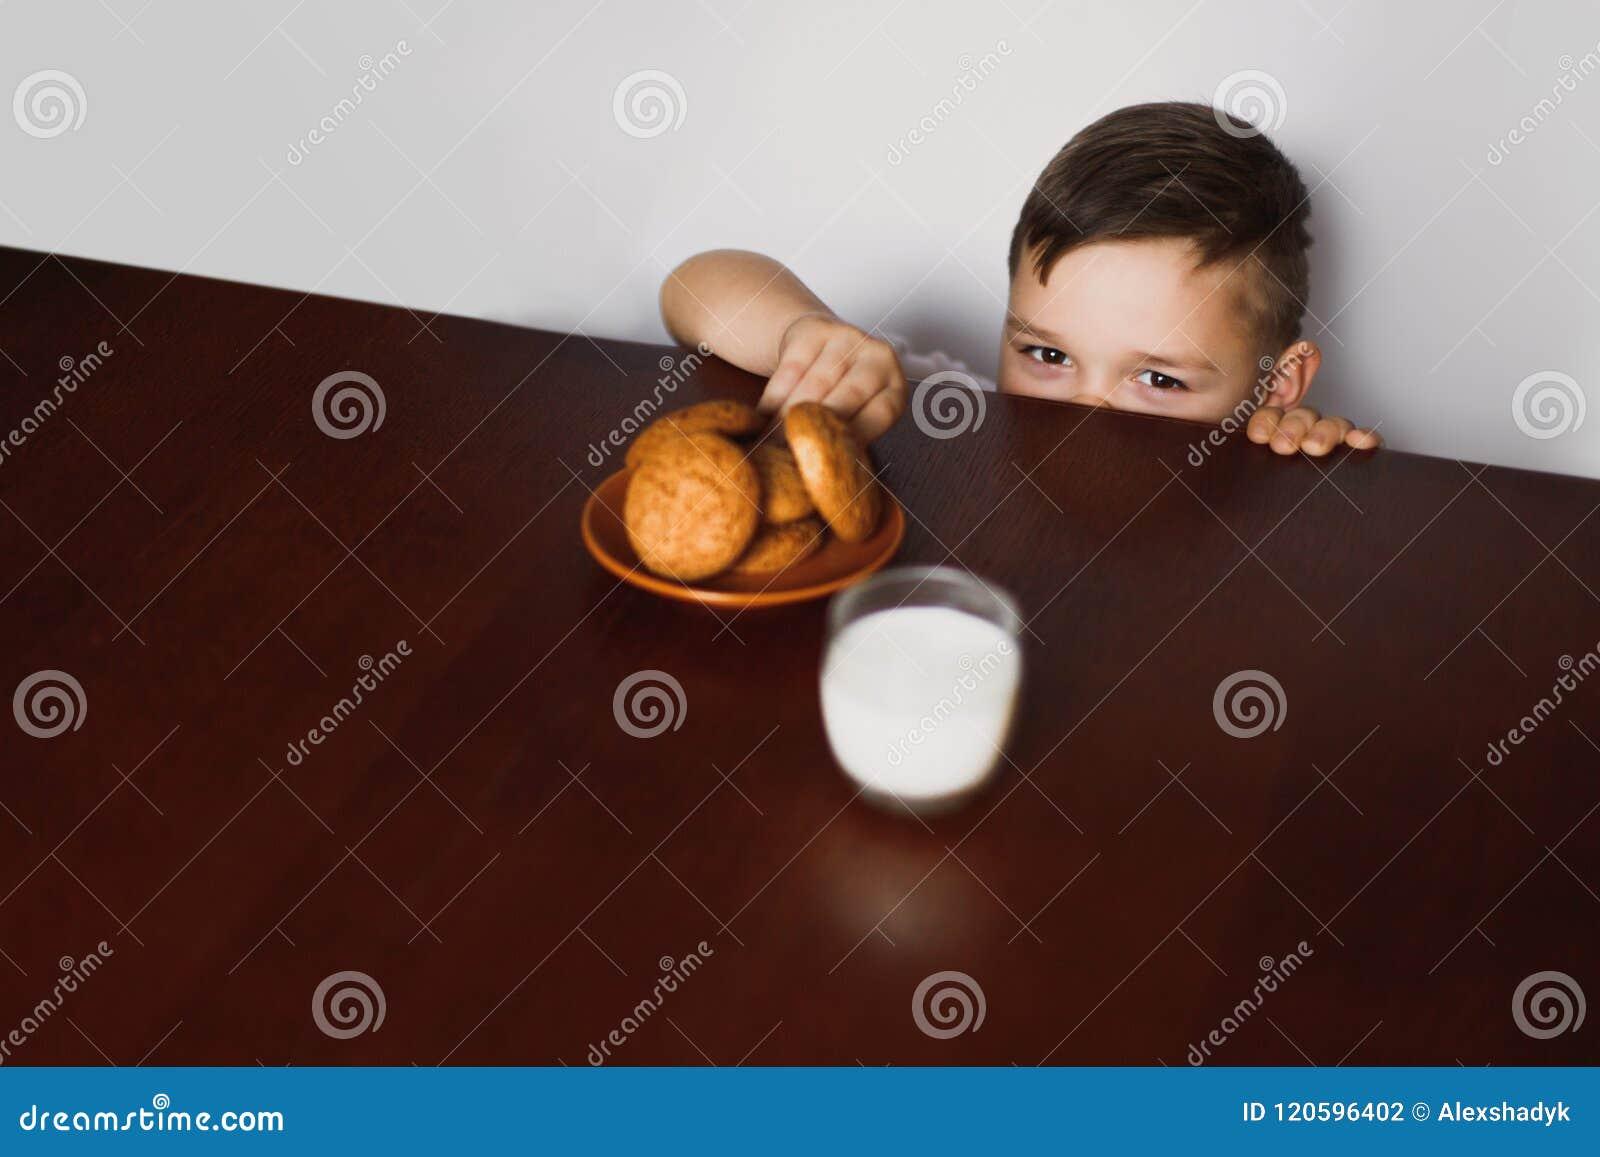 Το μικρό παιδί κλέβει τα μπισκότα